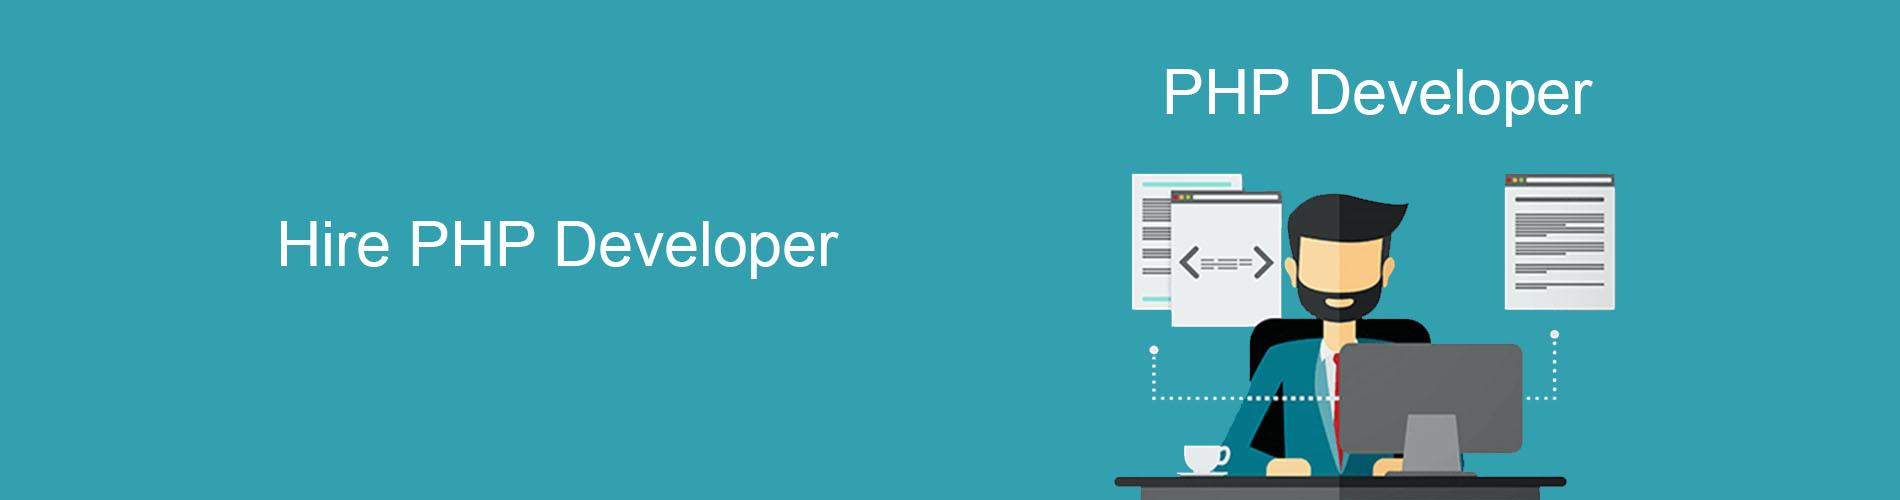 hire-php-website-developer